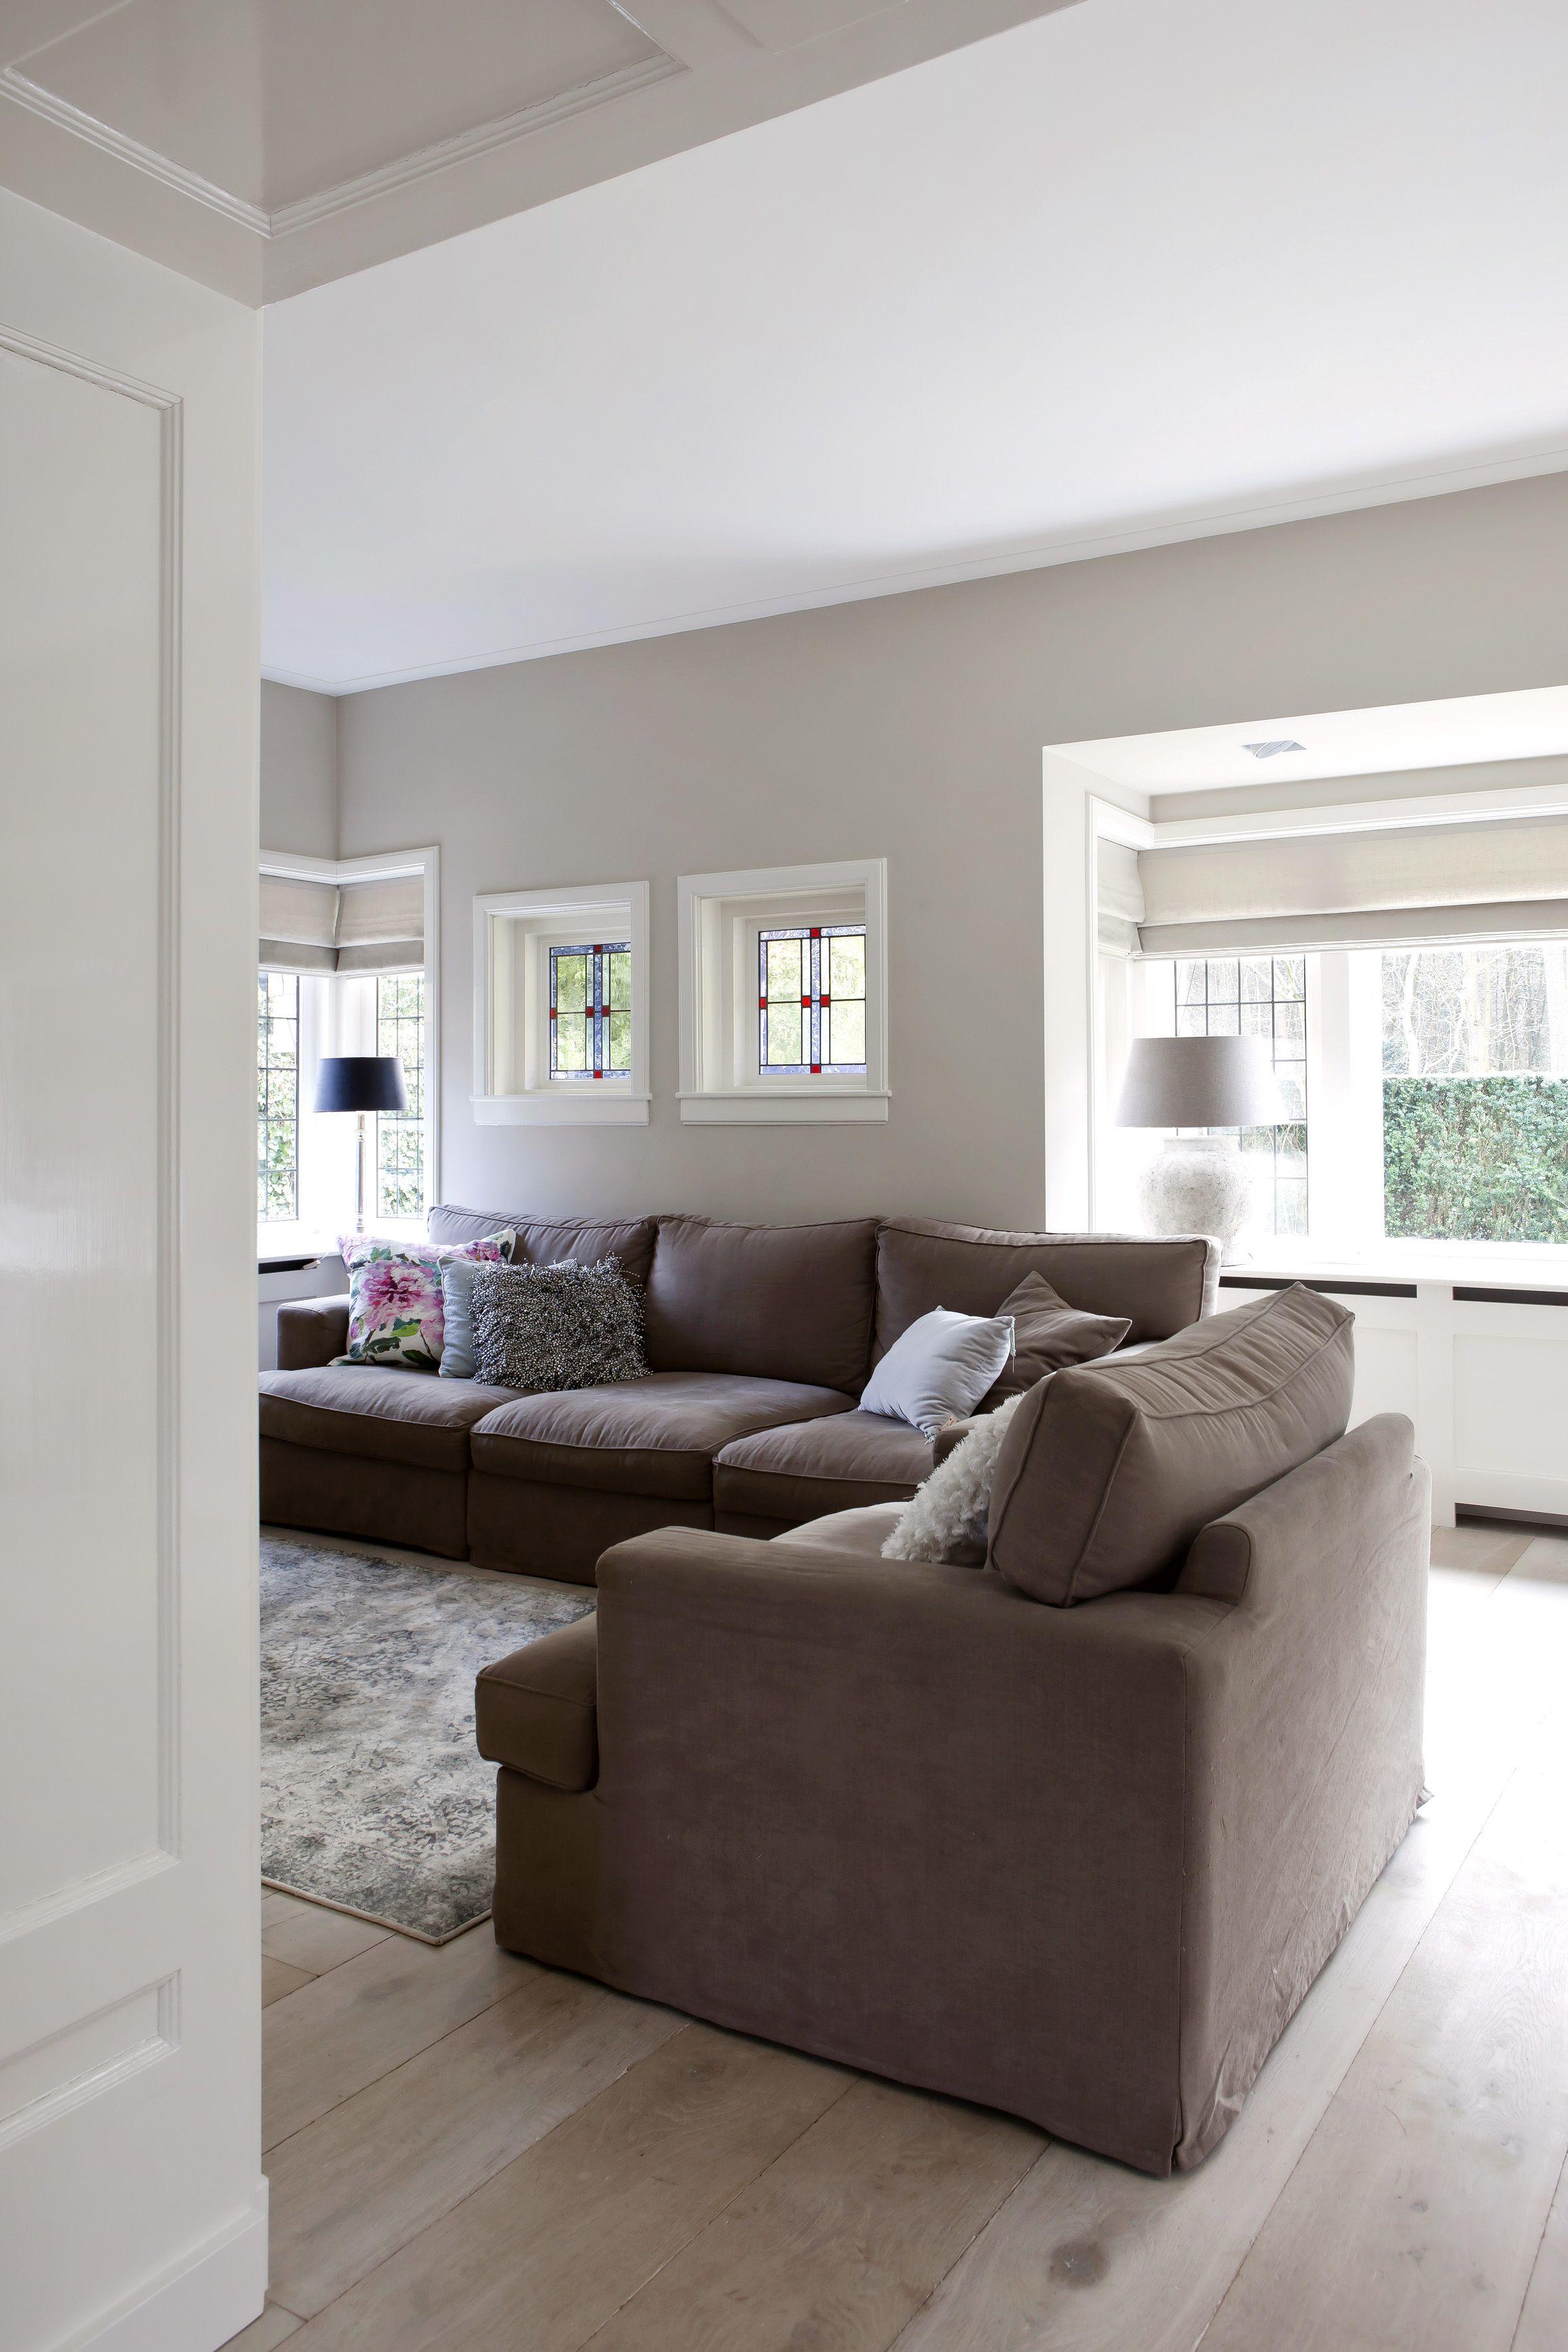 Landelijk moderne woonkamer met vouwgordijnen van zonnelux foto anneke gambon stijlvol - Kleur moderne woonkamer ...